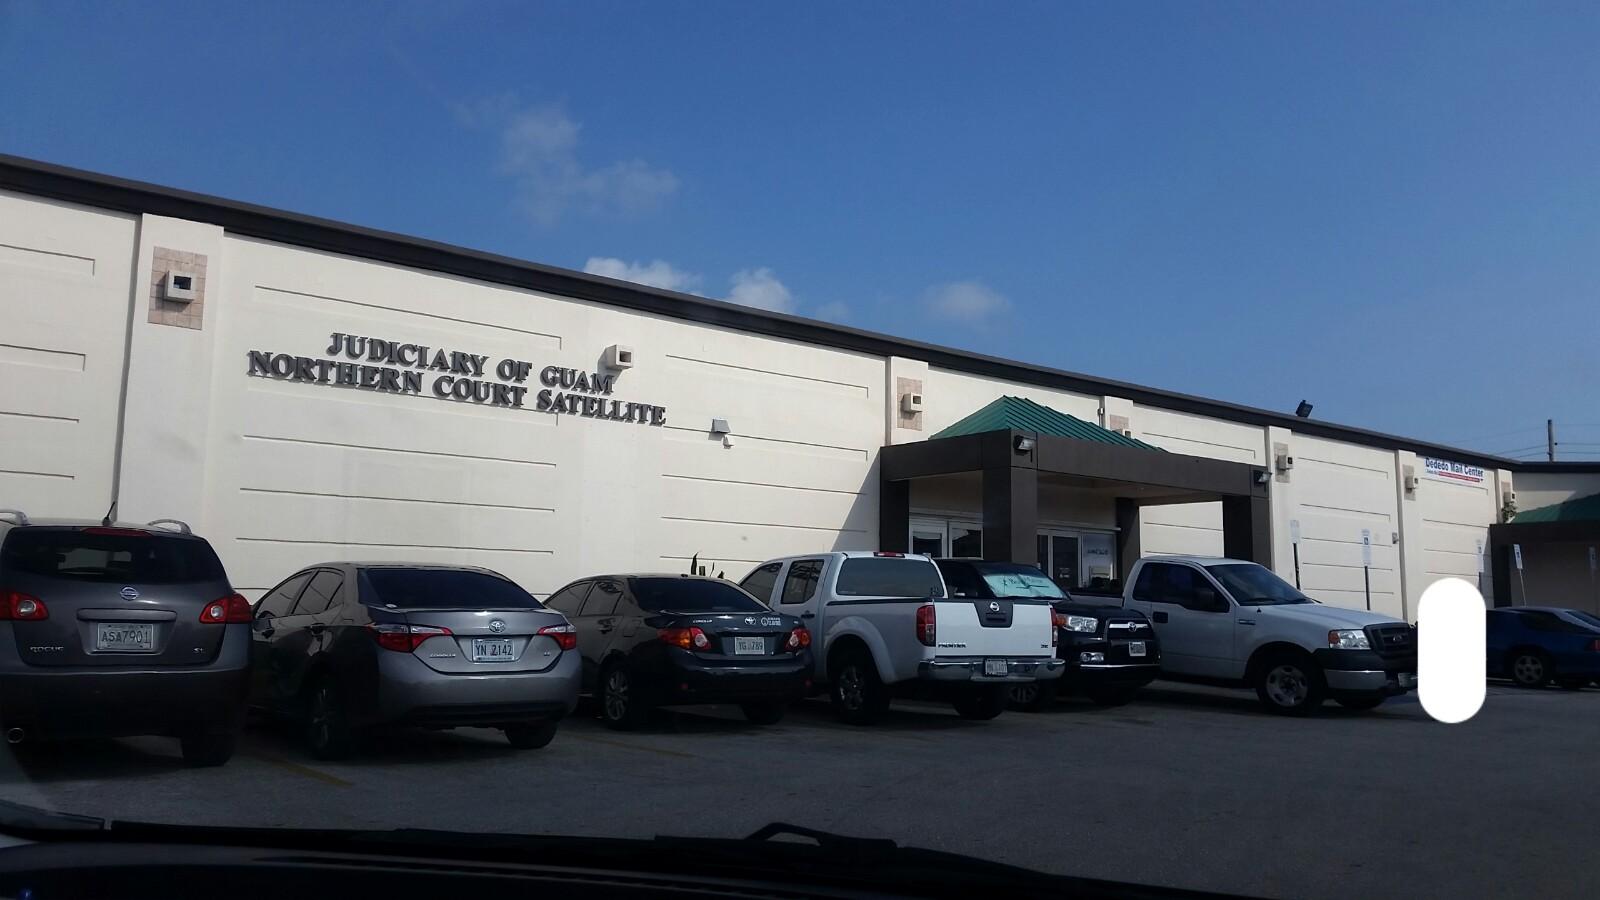 グアムデデドの裁判所